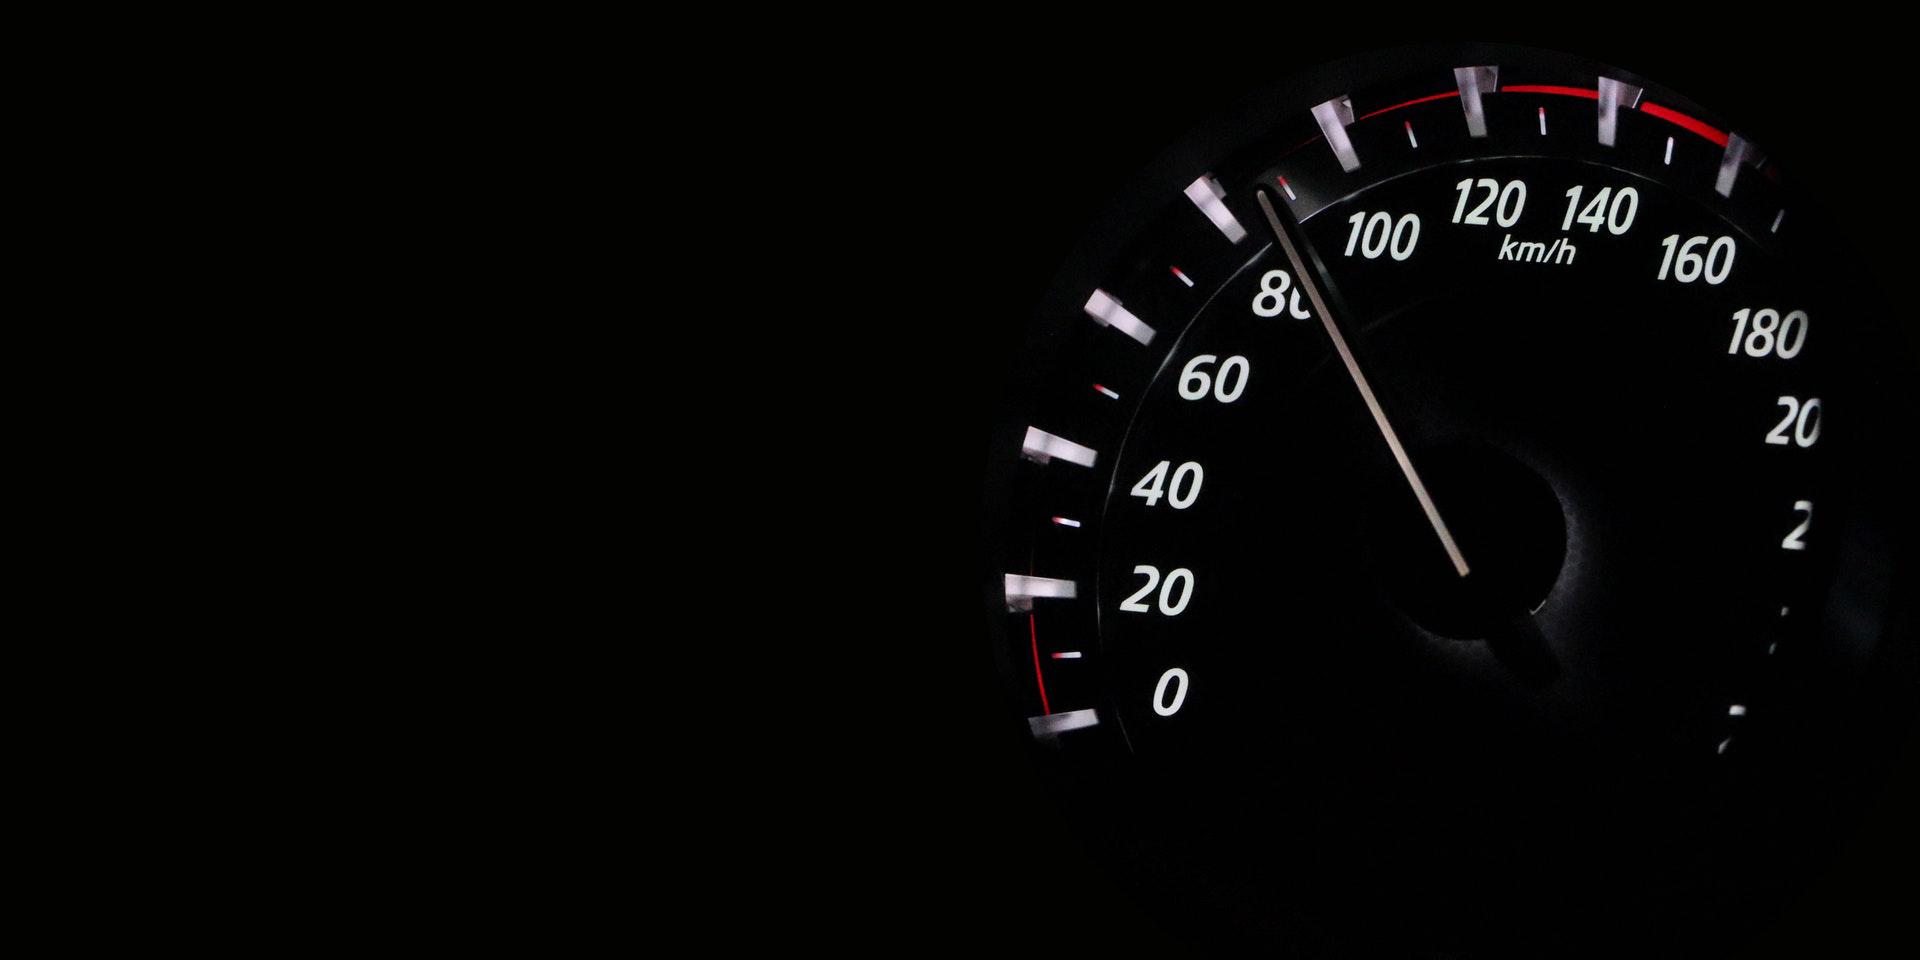 Tachometer steht auf 80 Km/h